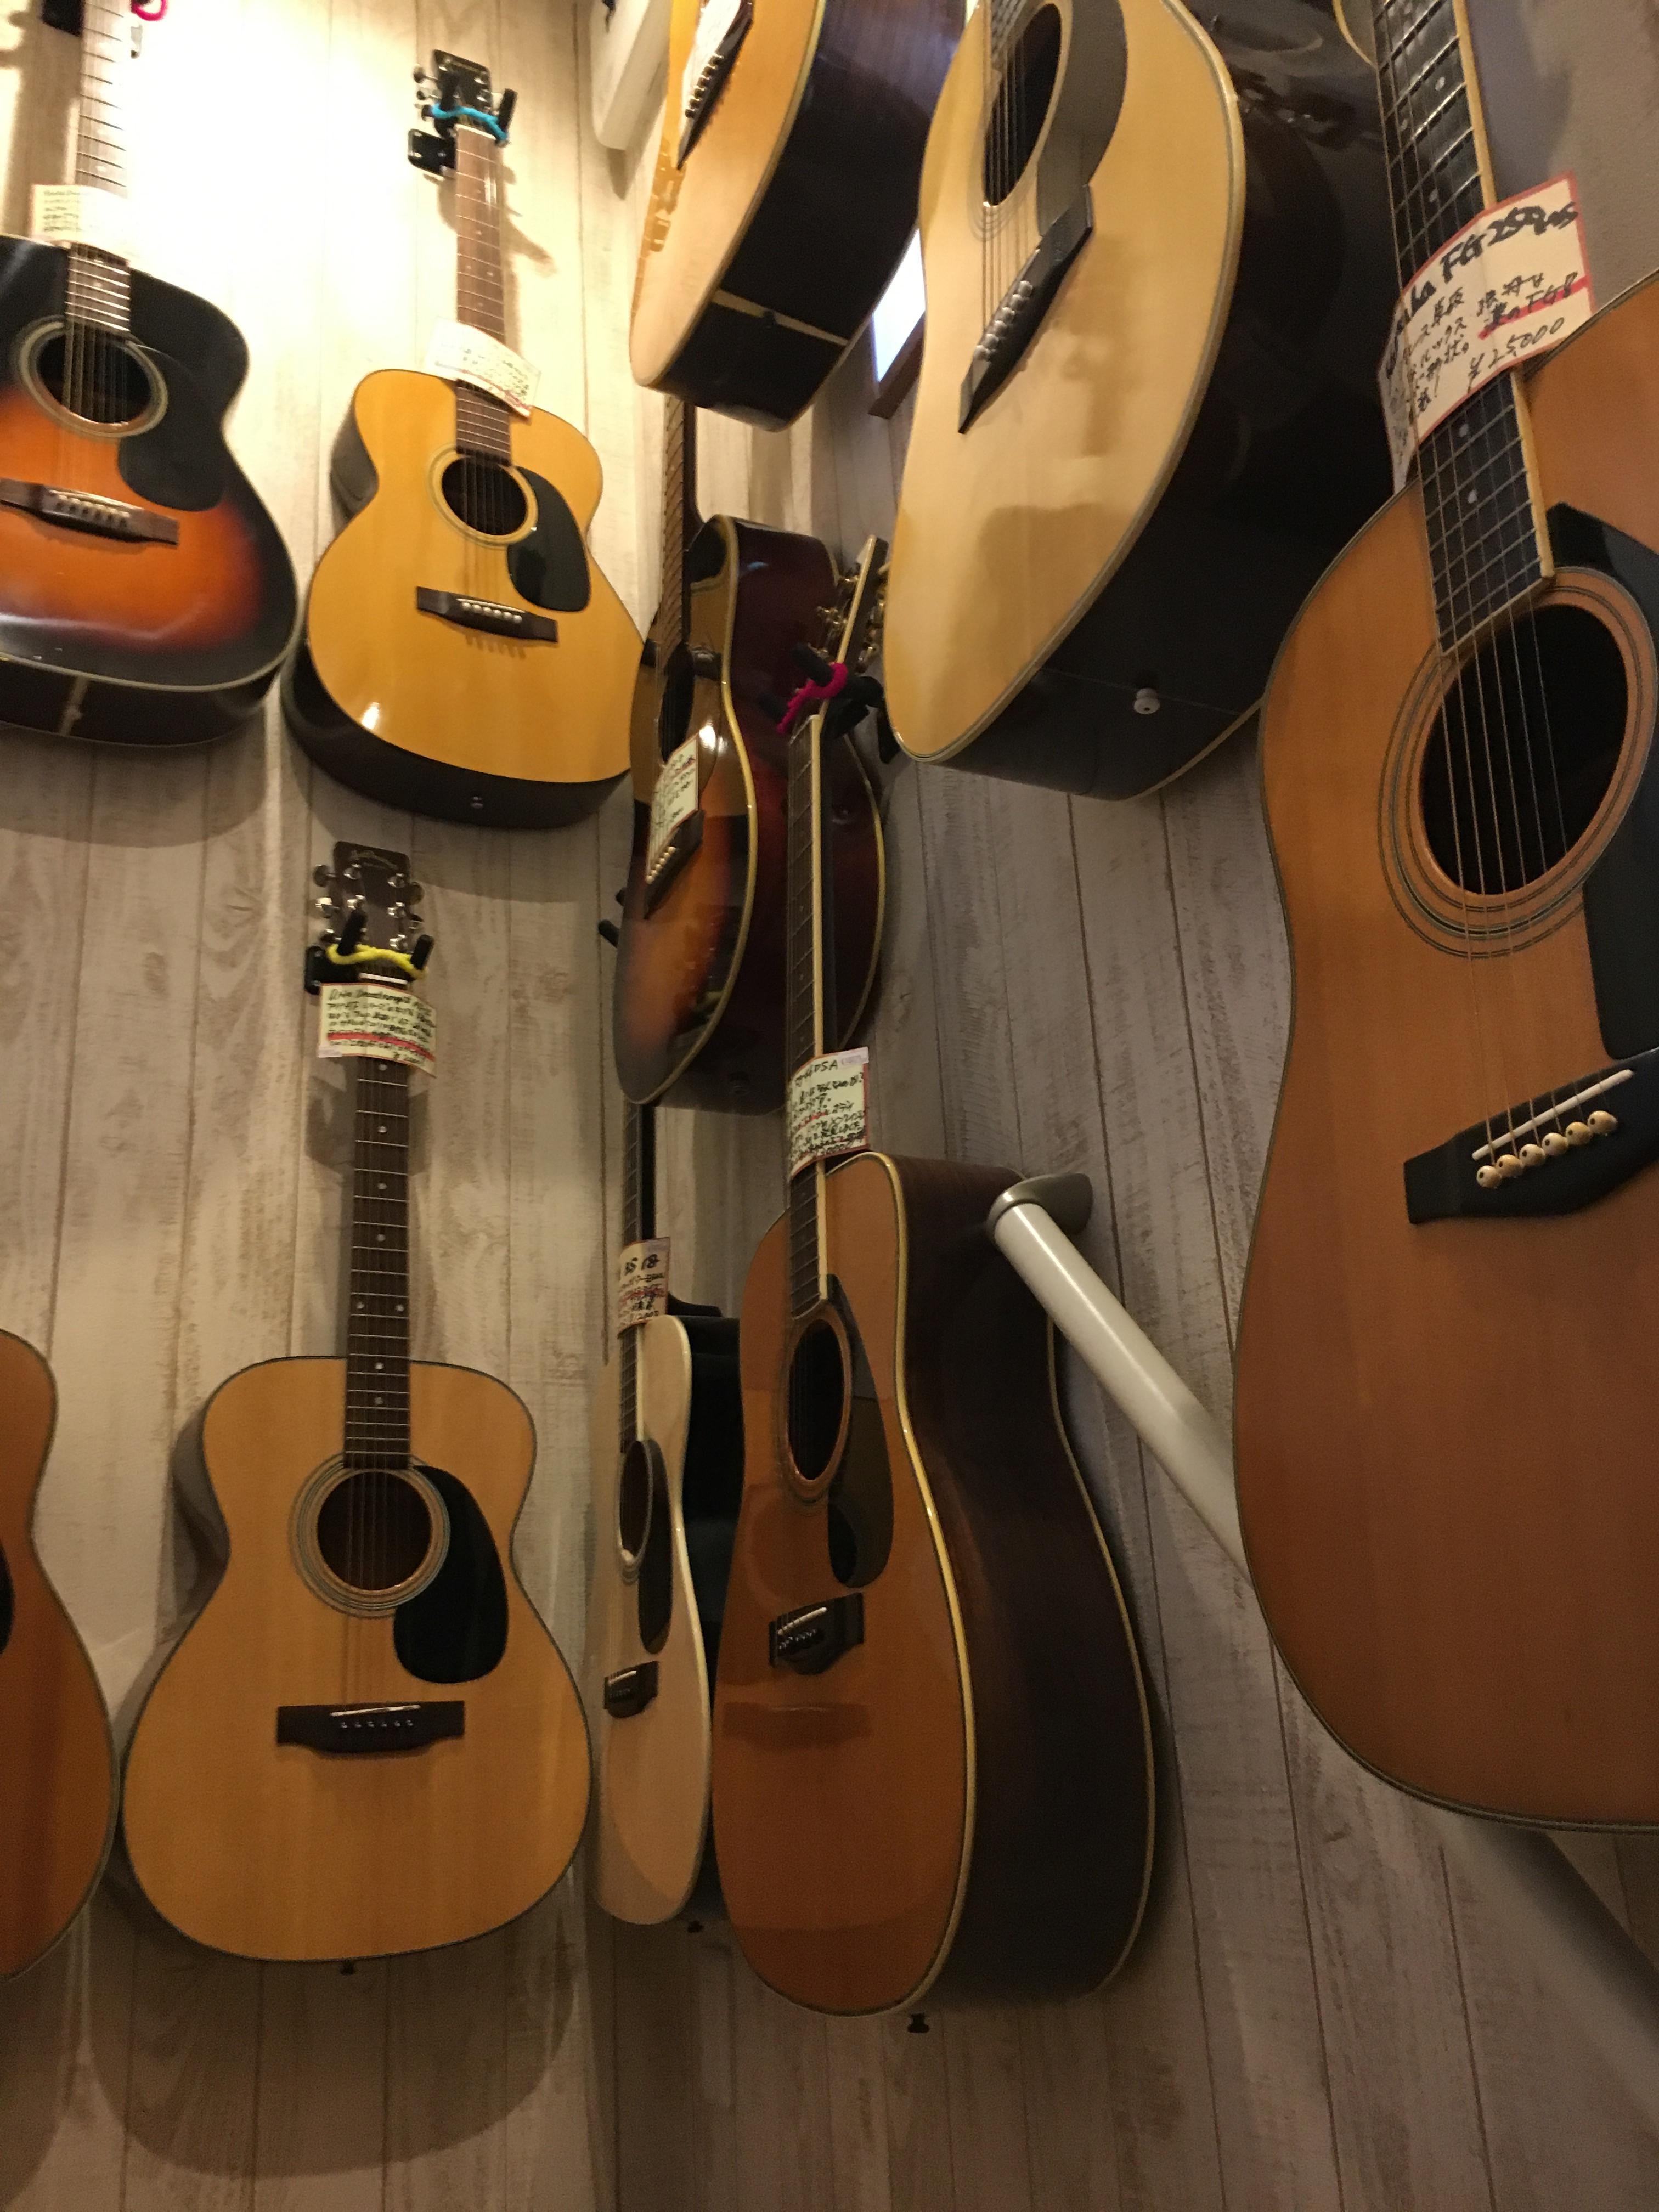 アコギ・エレキギターの買取り始めました。